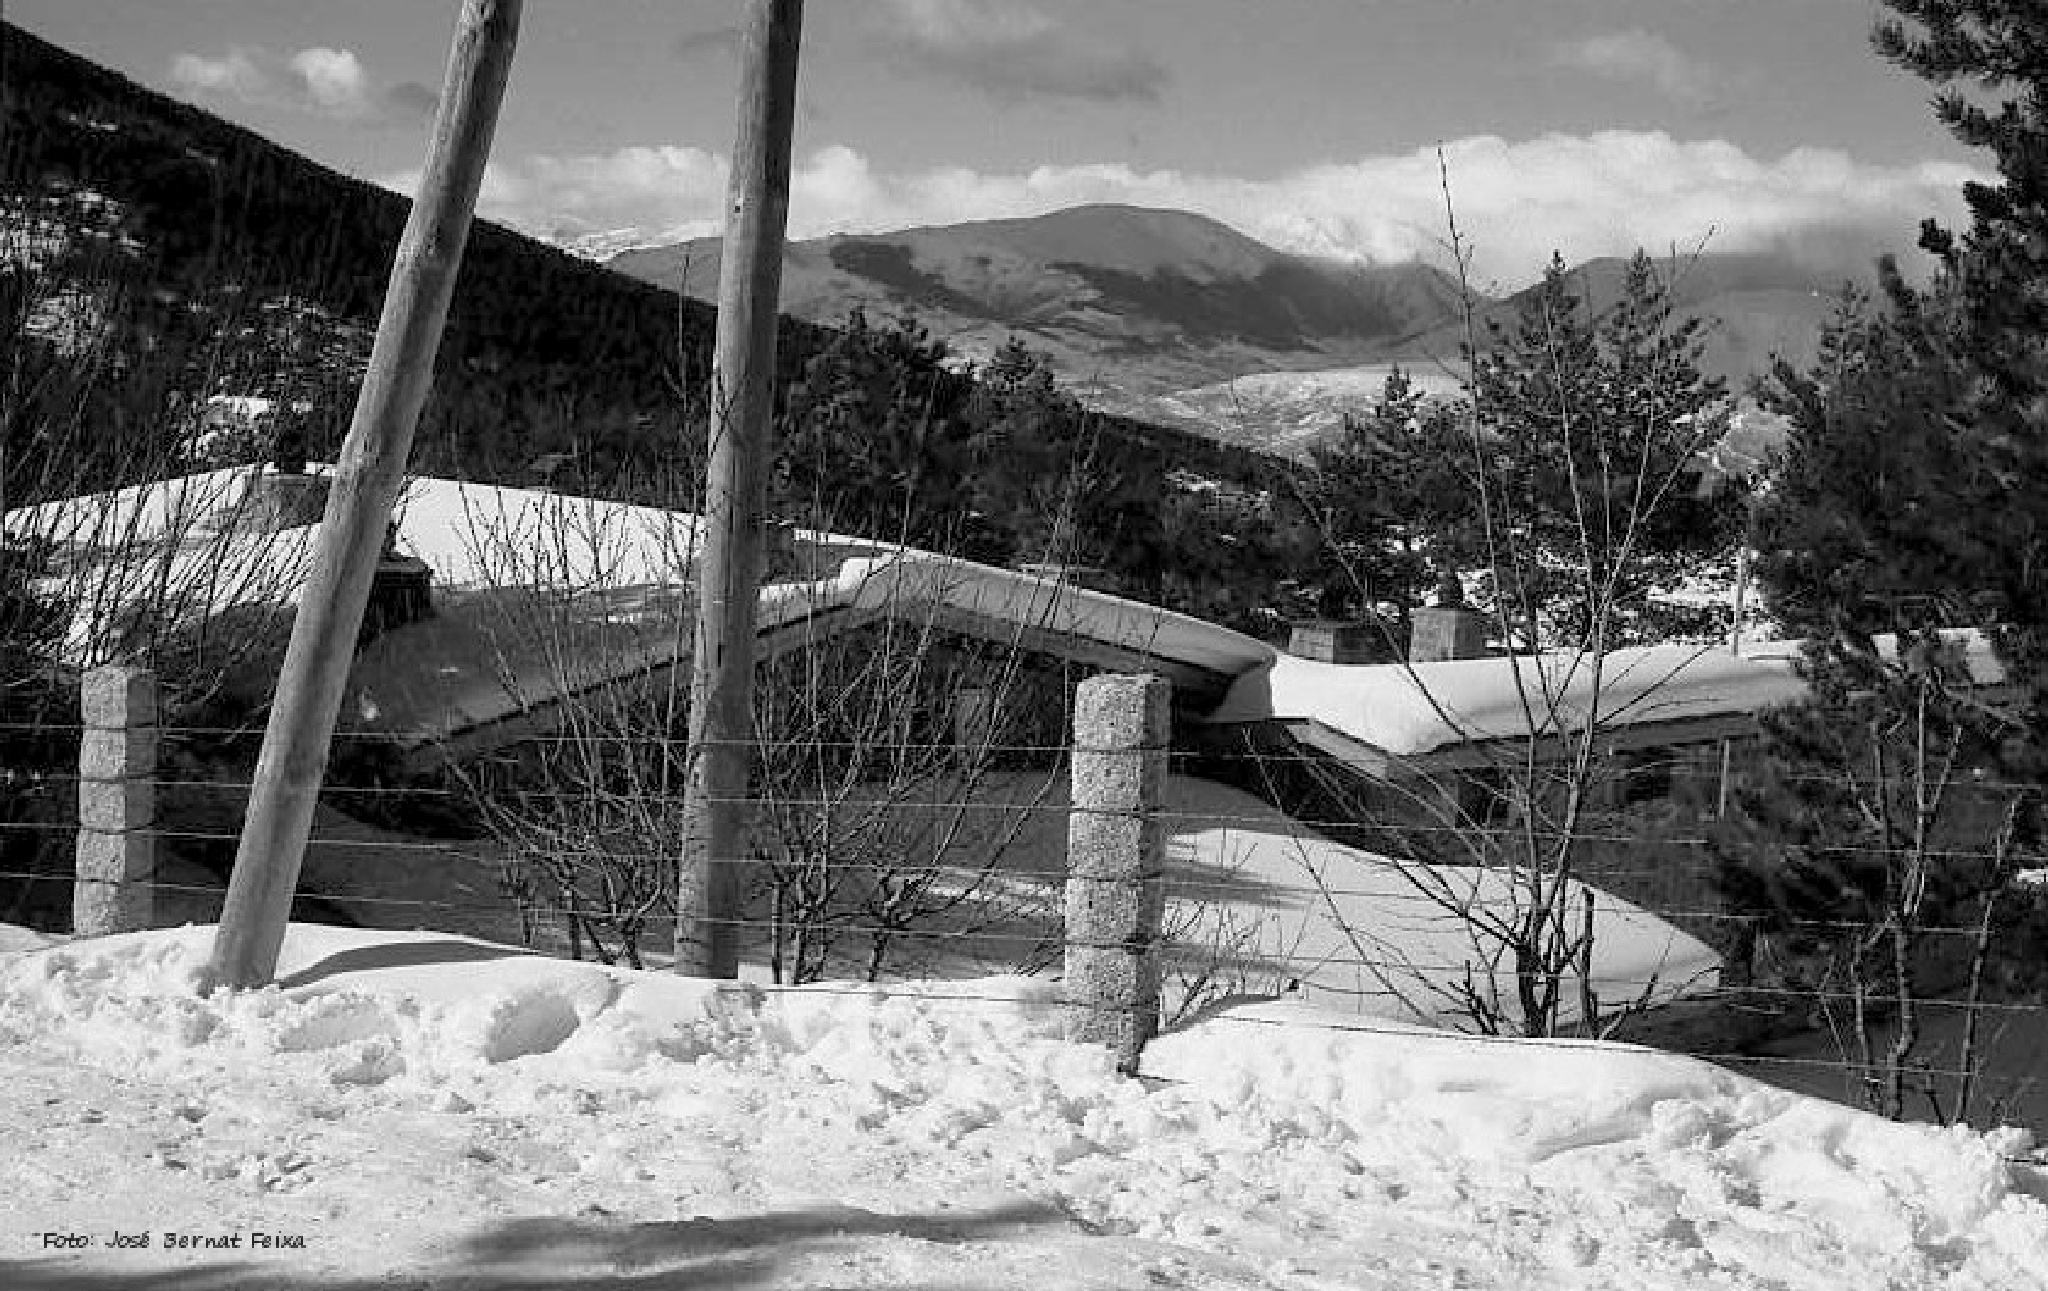 PAISAJE NEVADO, SNEEUWLANDSCHAP, SNOWY LANDSCAPE (60's) by José Bernat Feixa